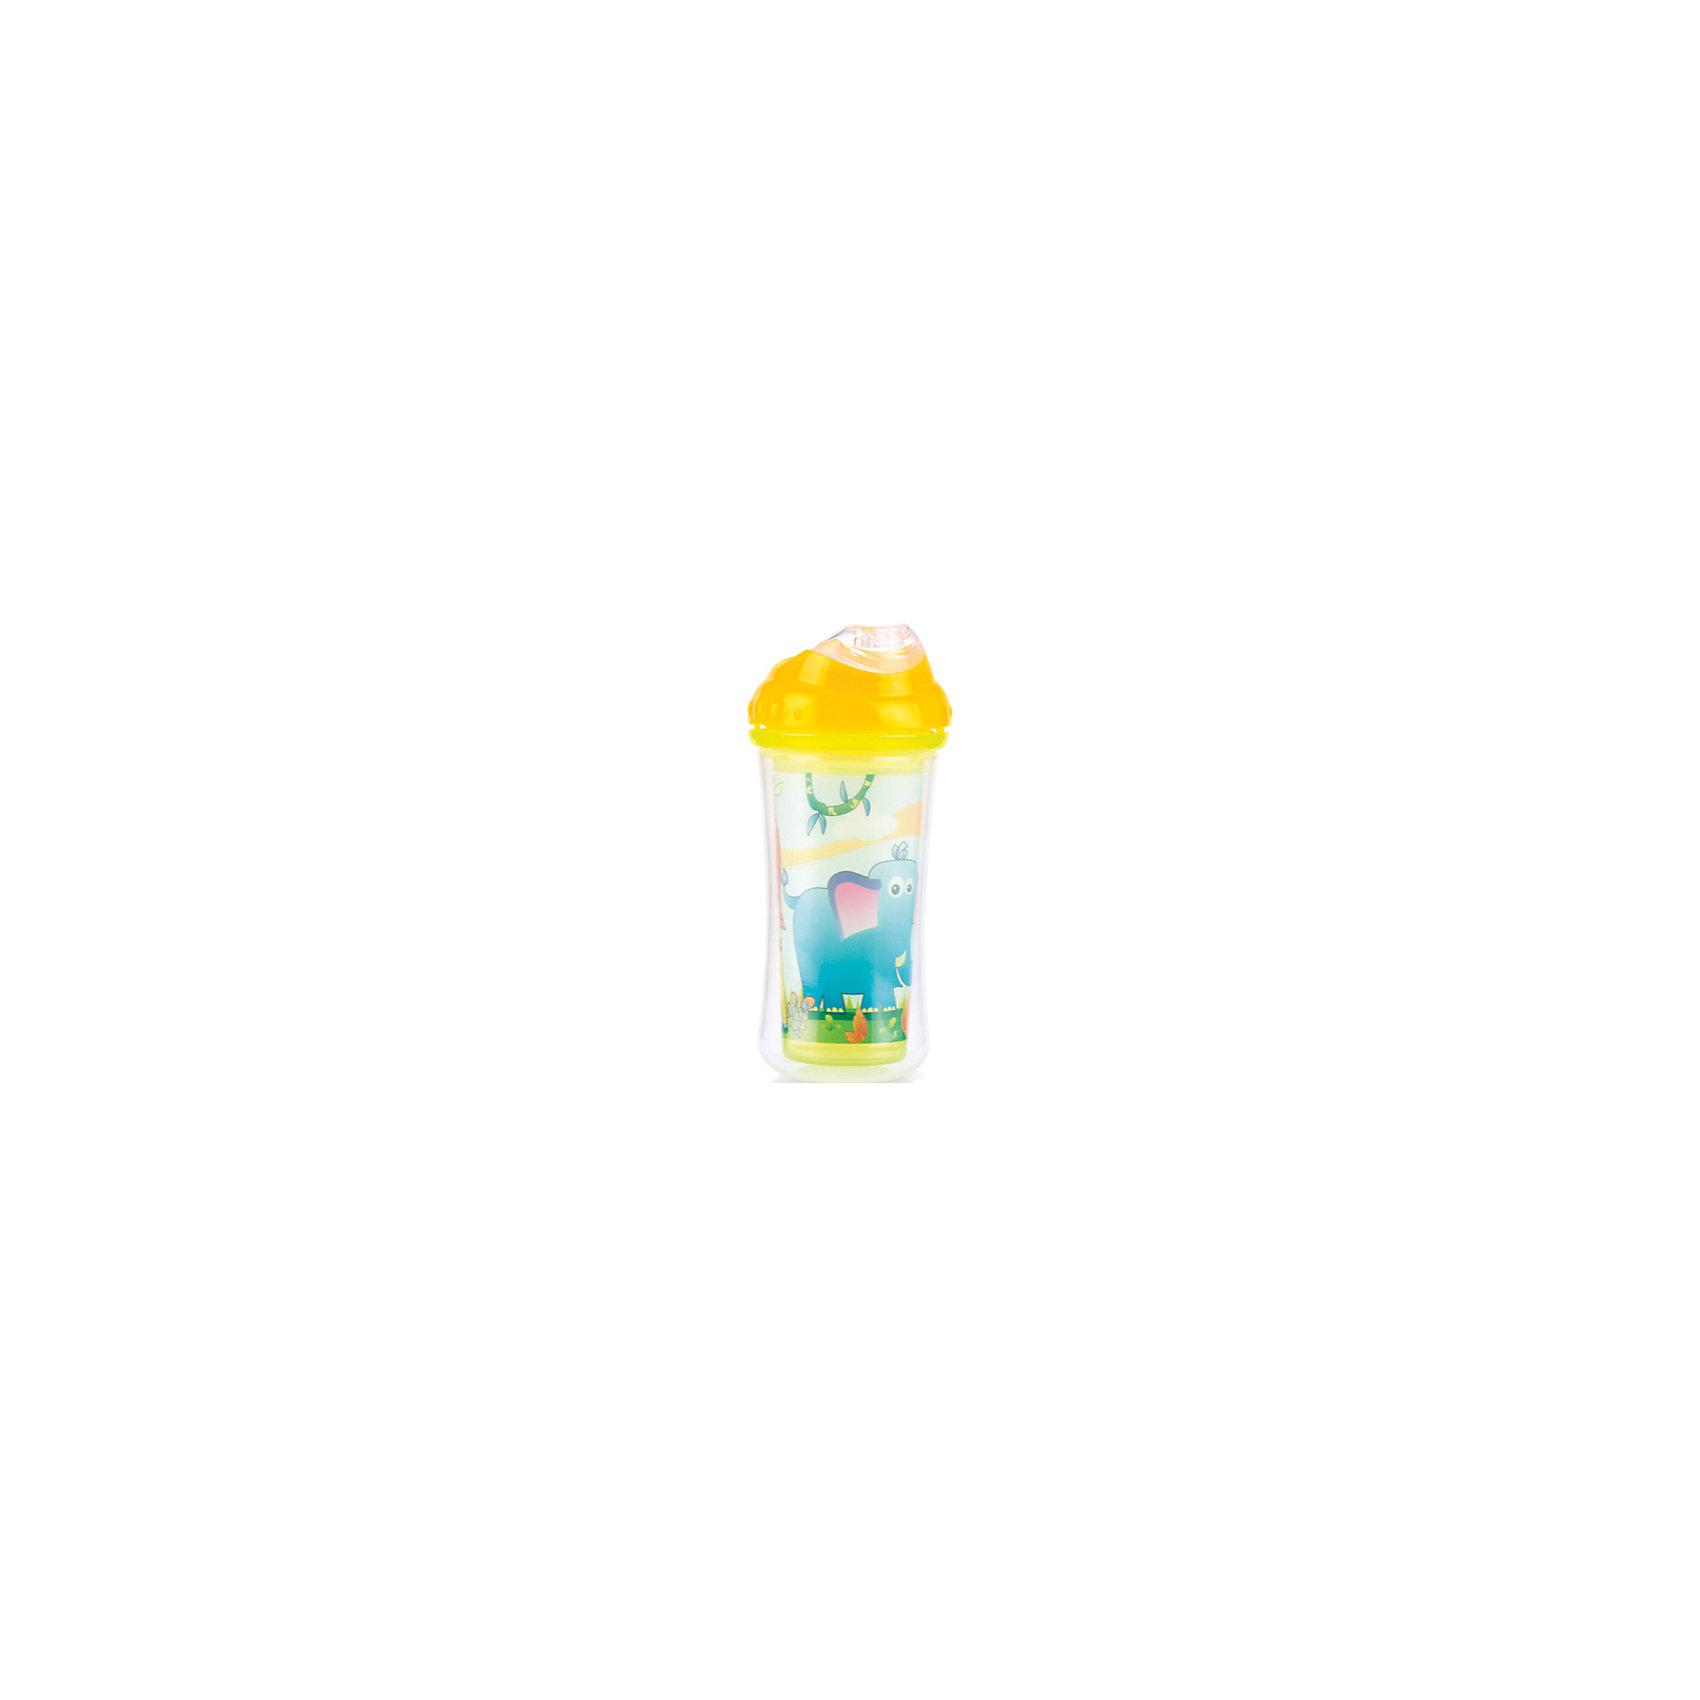 Поильник с силиконовым носиком-непроливайкой Слон, Nuby, жёлтый